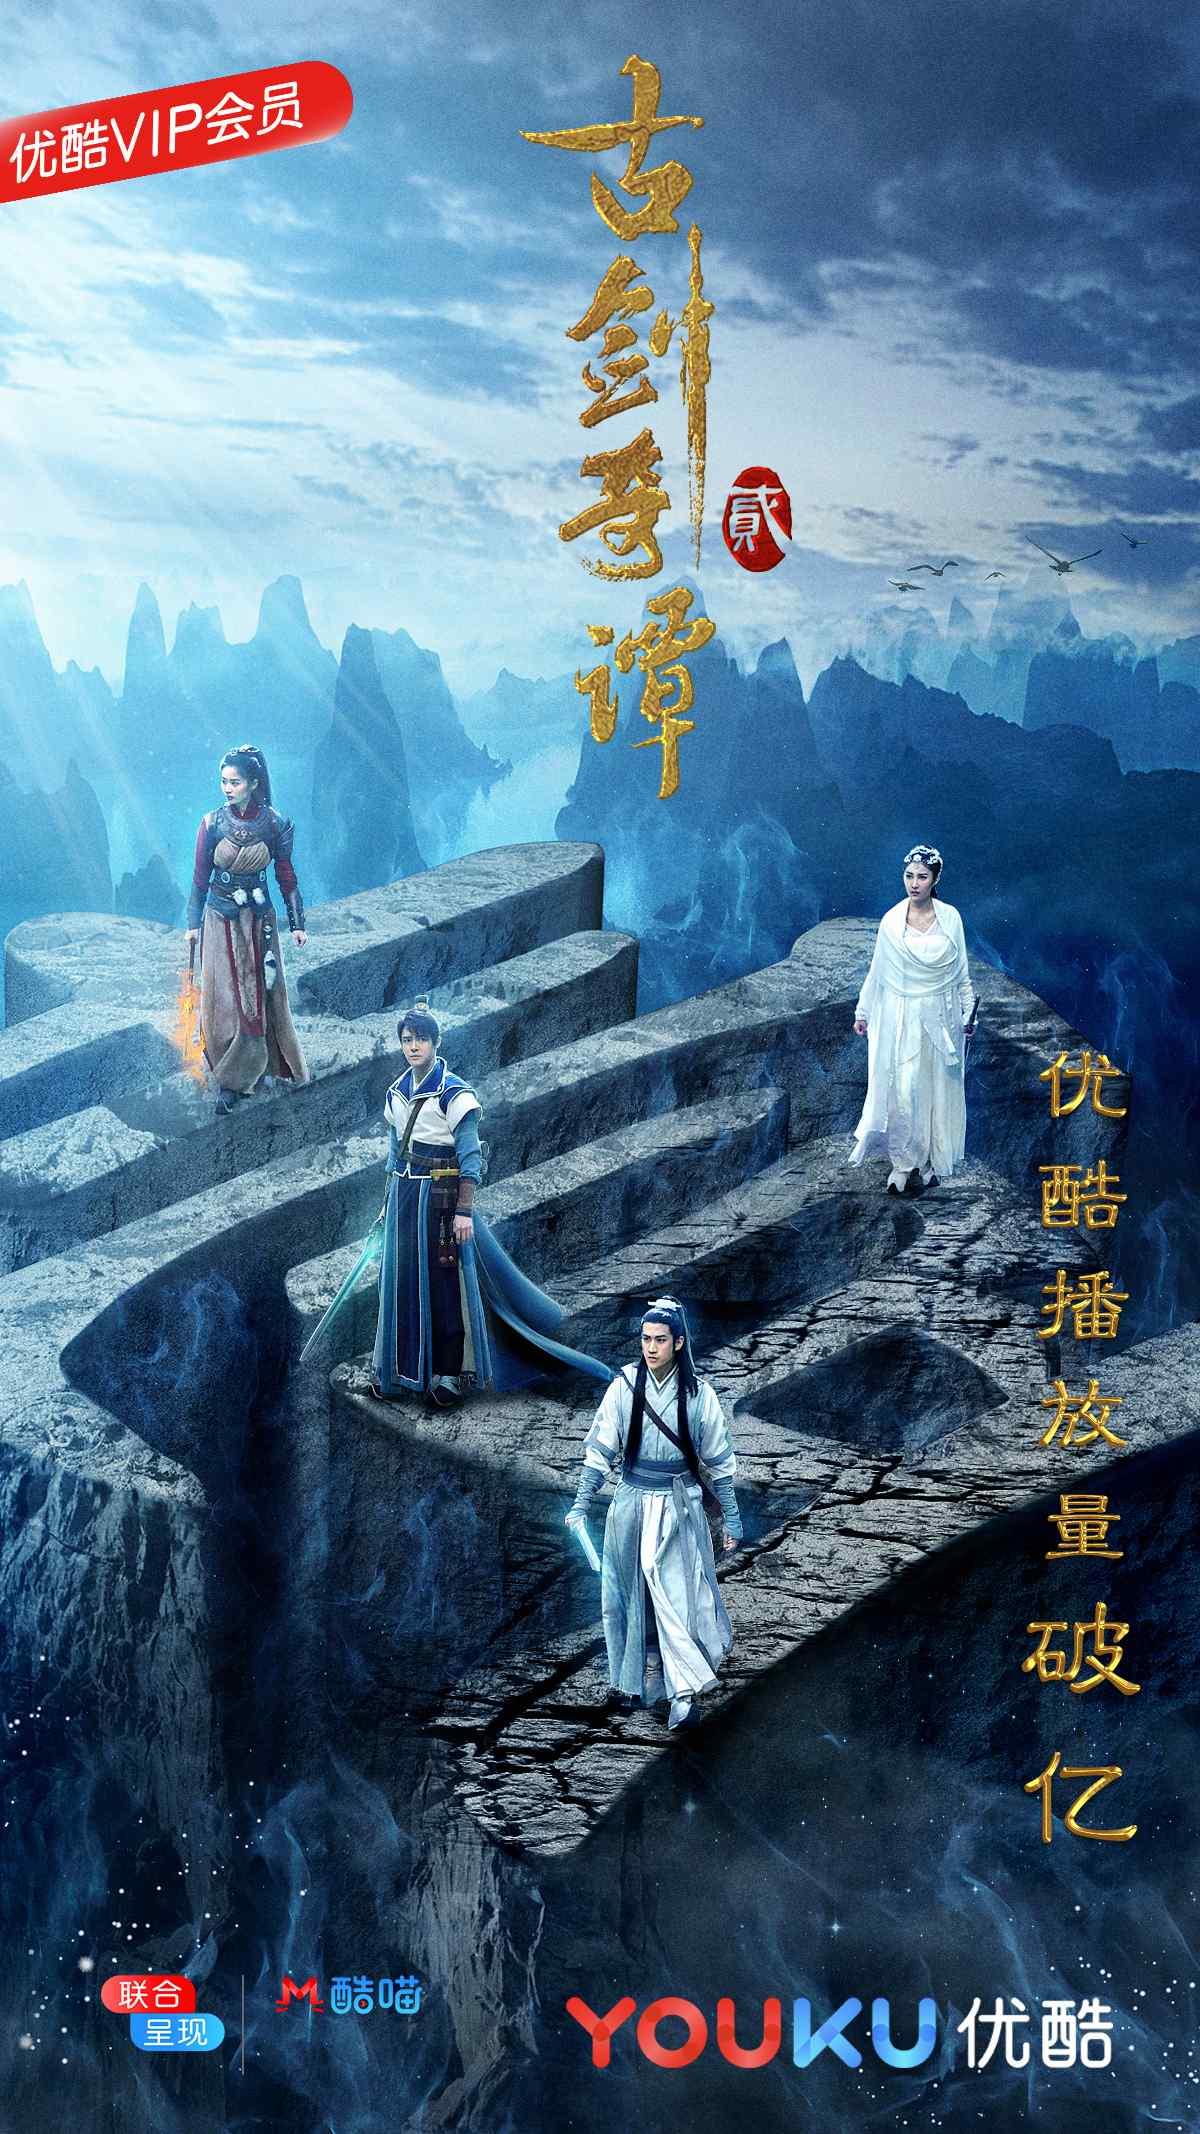 《古剑奇谭2》破亿海报